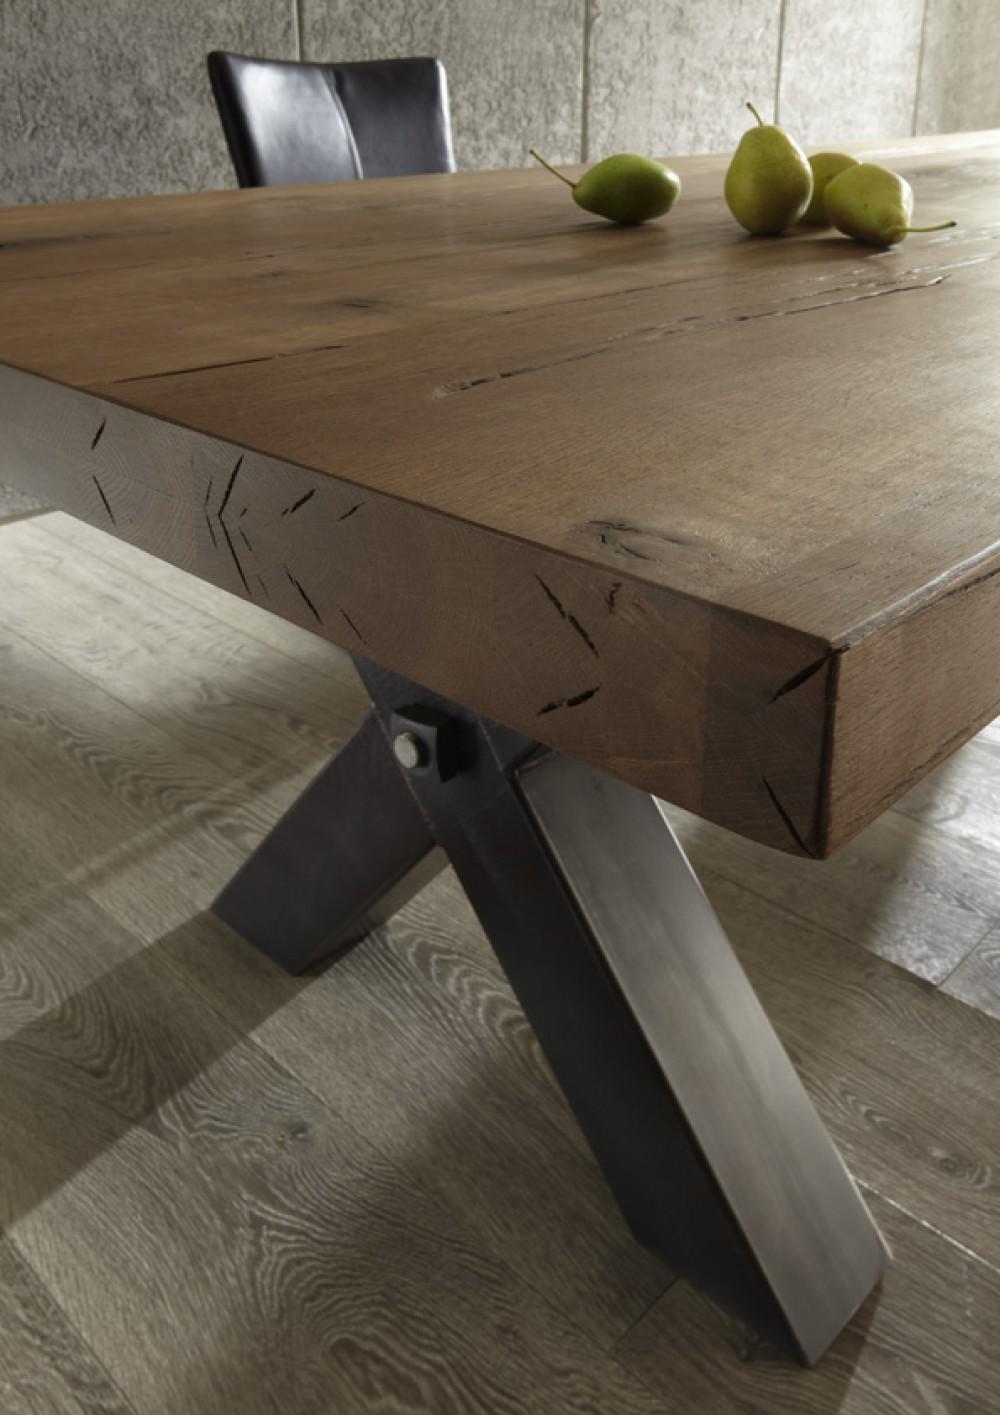 esstisch aus massiv eiche tisch im industriedesign mit einem gestell aus metall ma e 180 x 100 cm. Black Bedroom Furniture Sets. Home Design Ideas